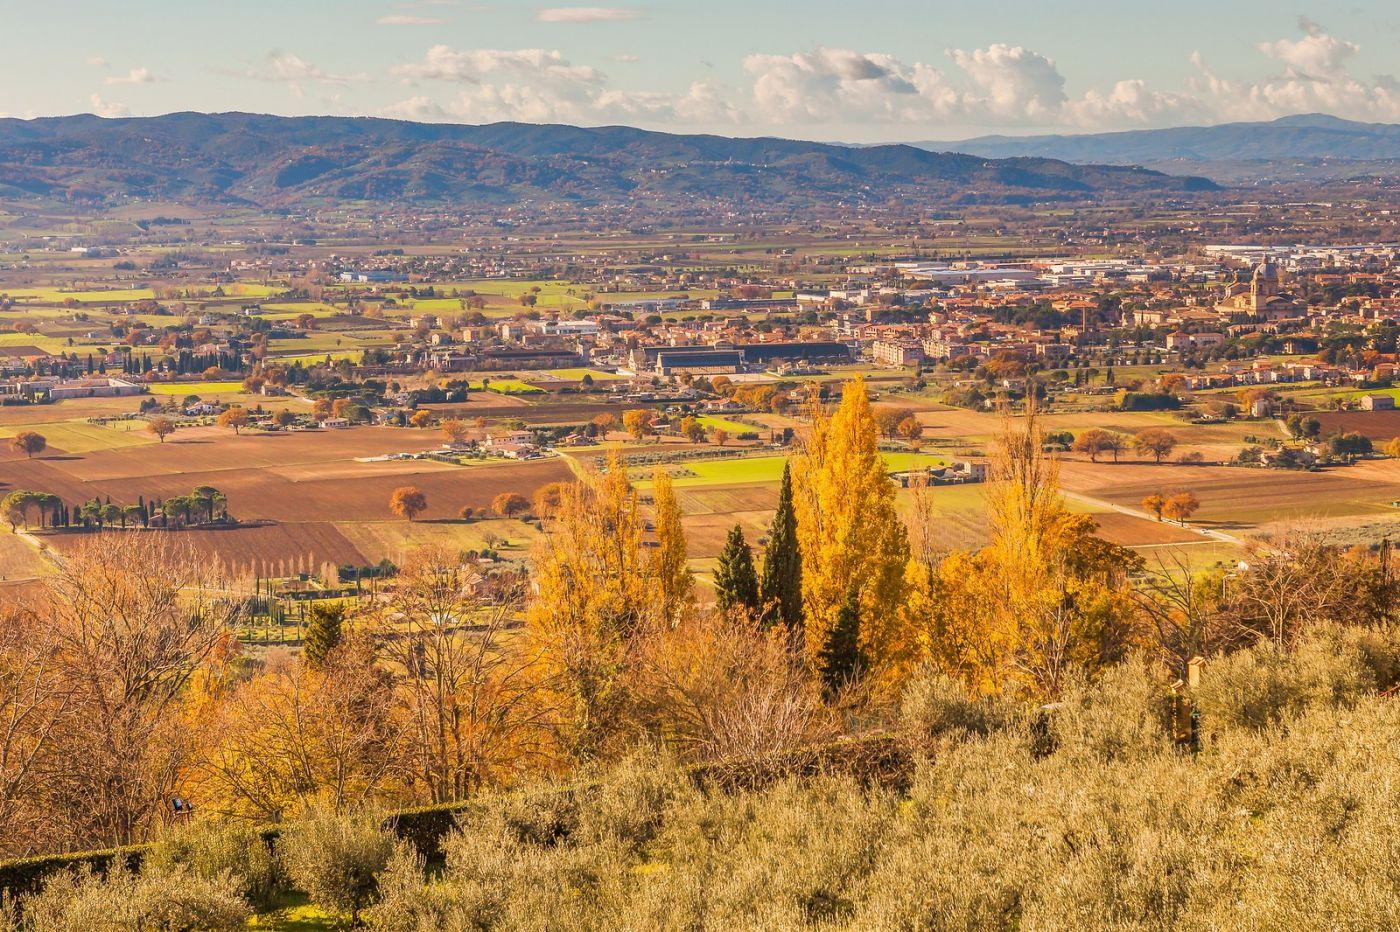 意大利阿西西(Assisi), 登高放眼_图1-32